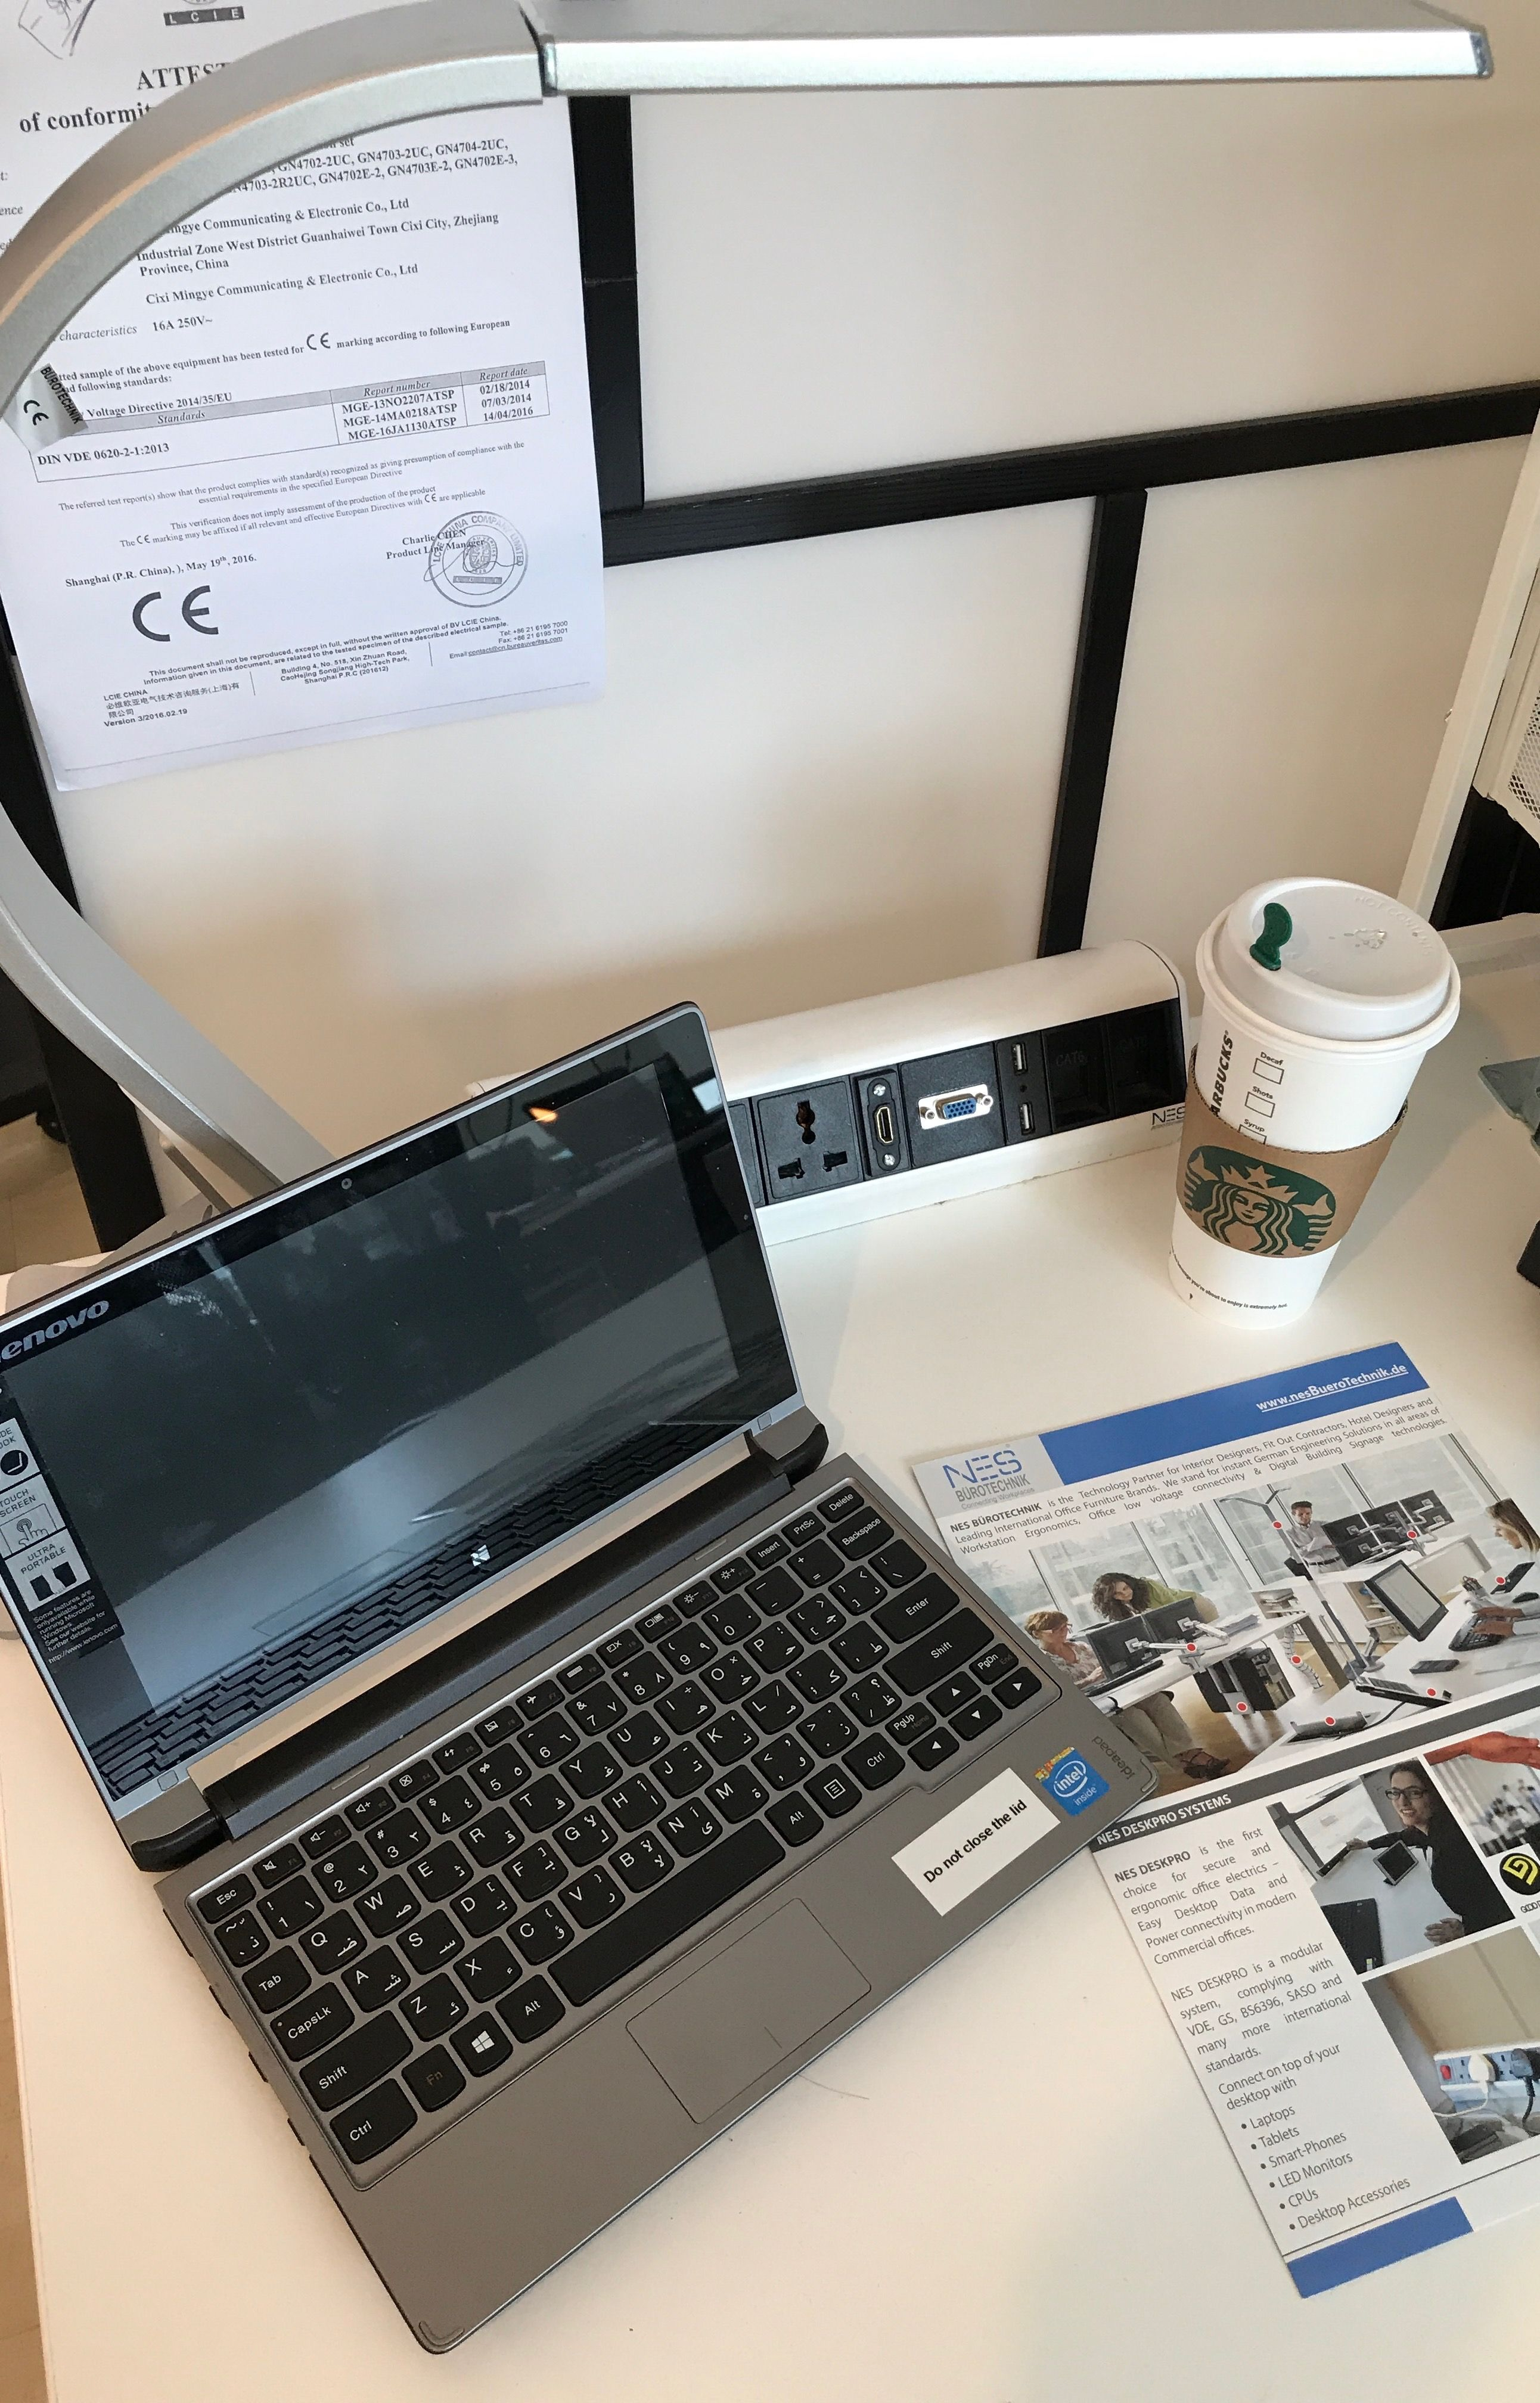 office cable management. Cable Management, Office Designs, Spaces, Laptop, Dubai, Connection, Cord Laptops, Design Offices Management .